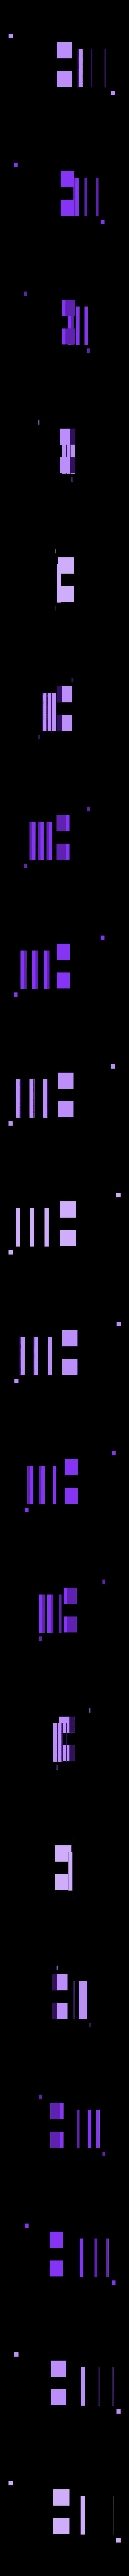 2Color_Inside.stl Download free STL file Analog Calendar • 3D print model, Jeyill3